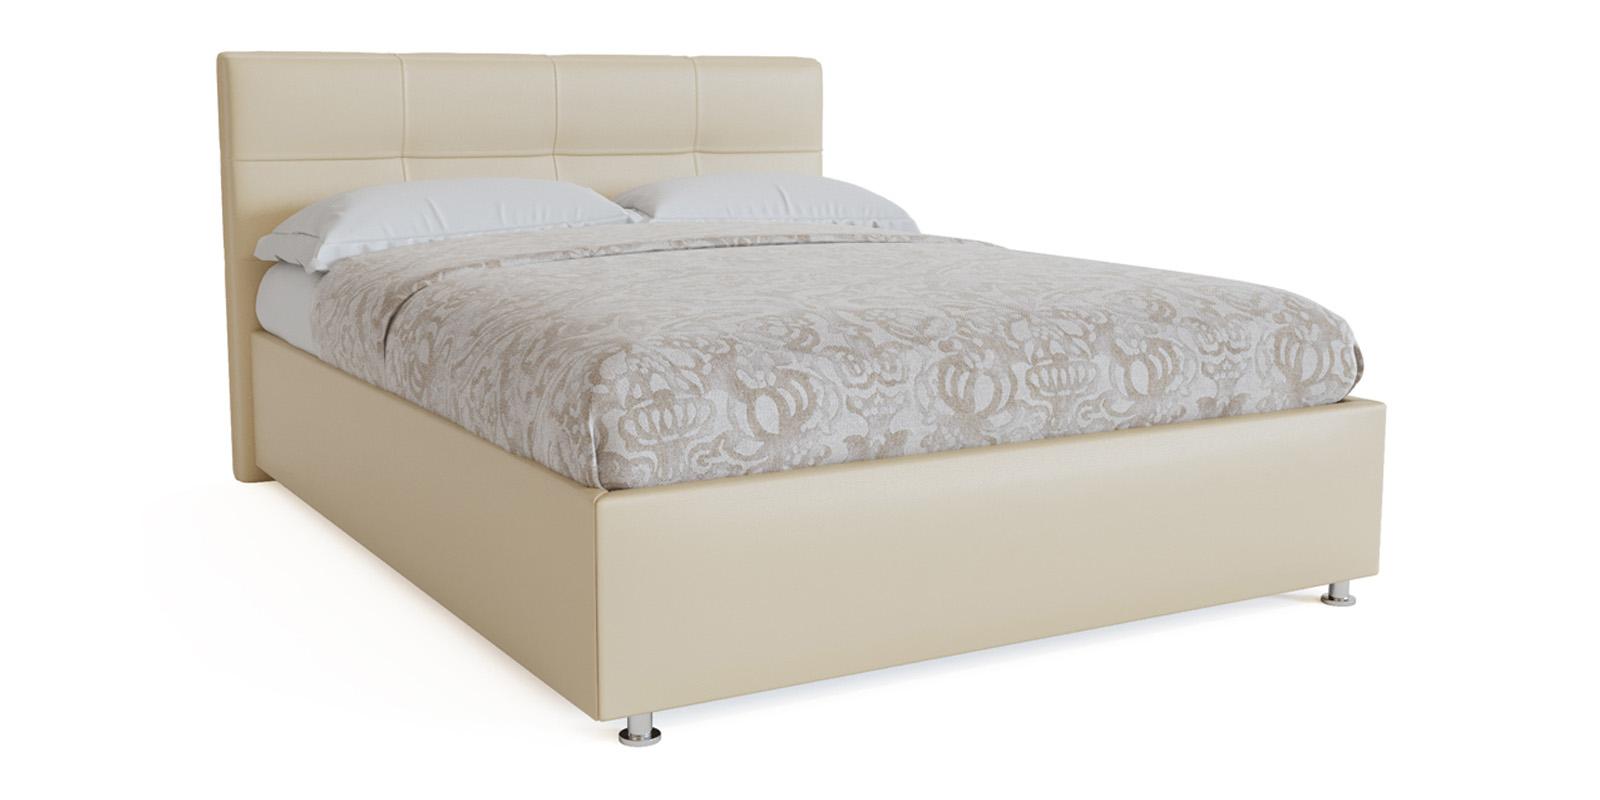 Купить Мягкая кровать 200х160 Неаполь с ортопедическим основанием (Крем-брюле), HomeMe